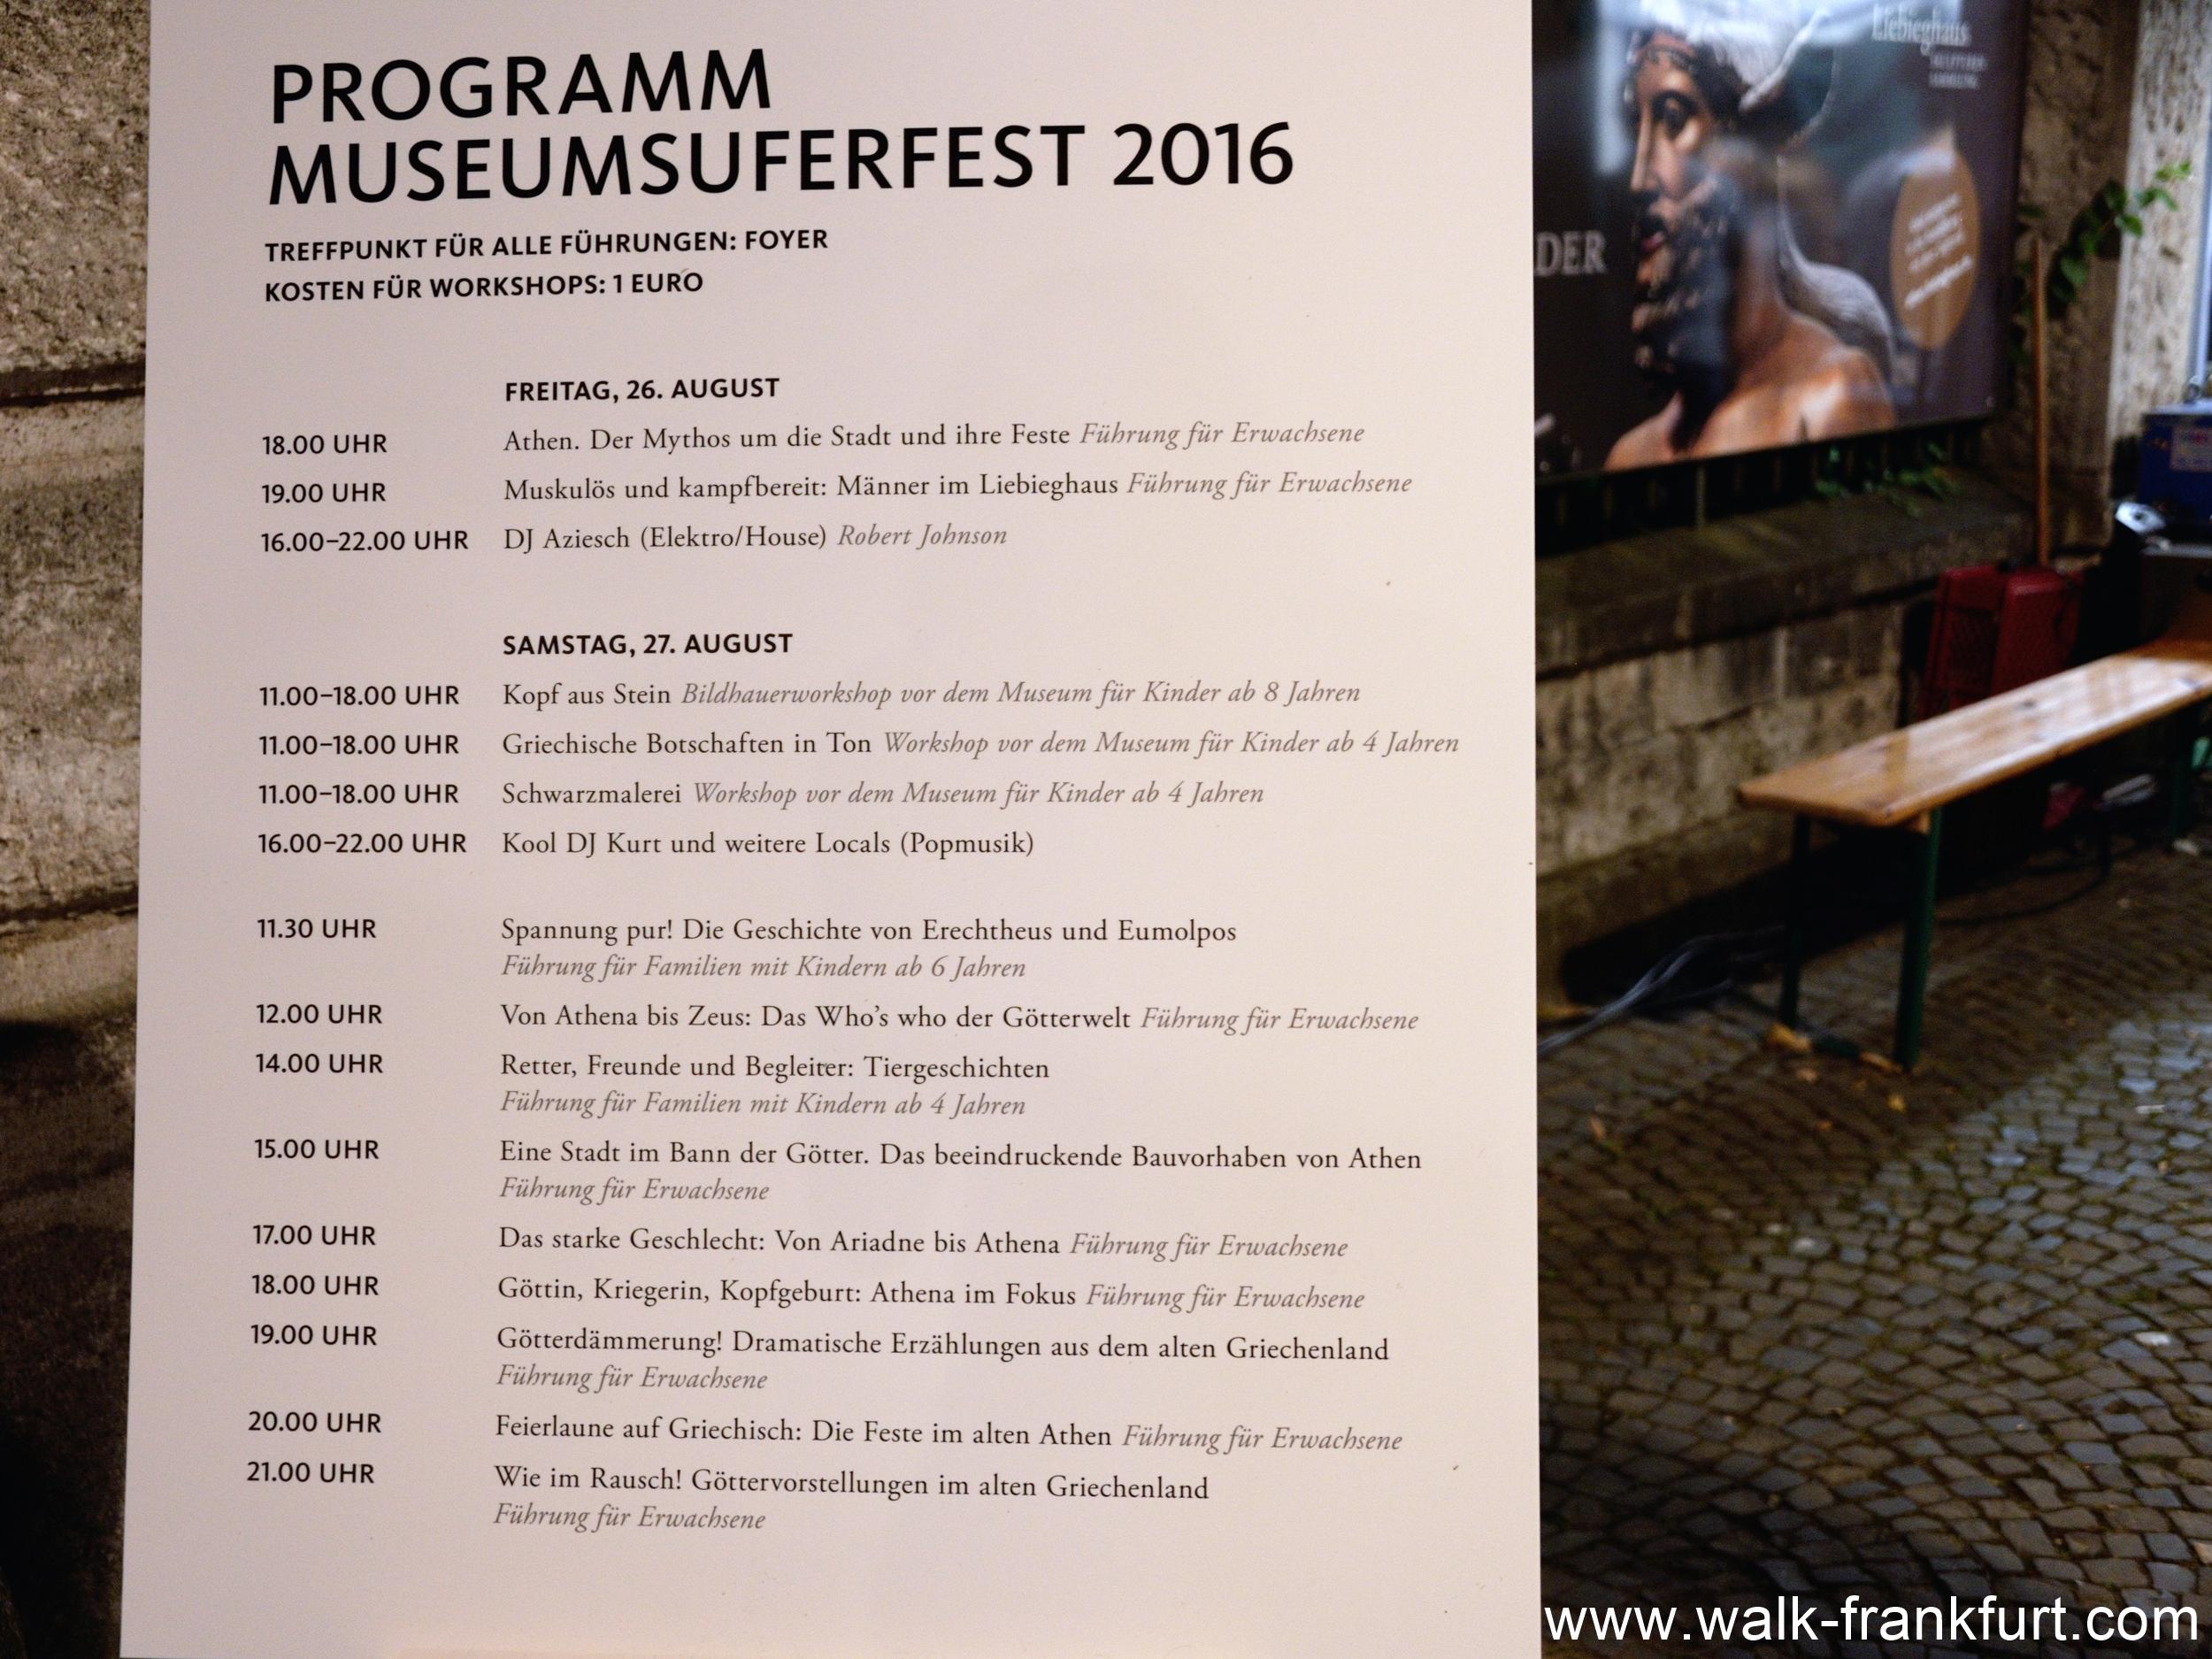 Special festival program